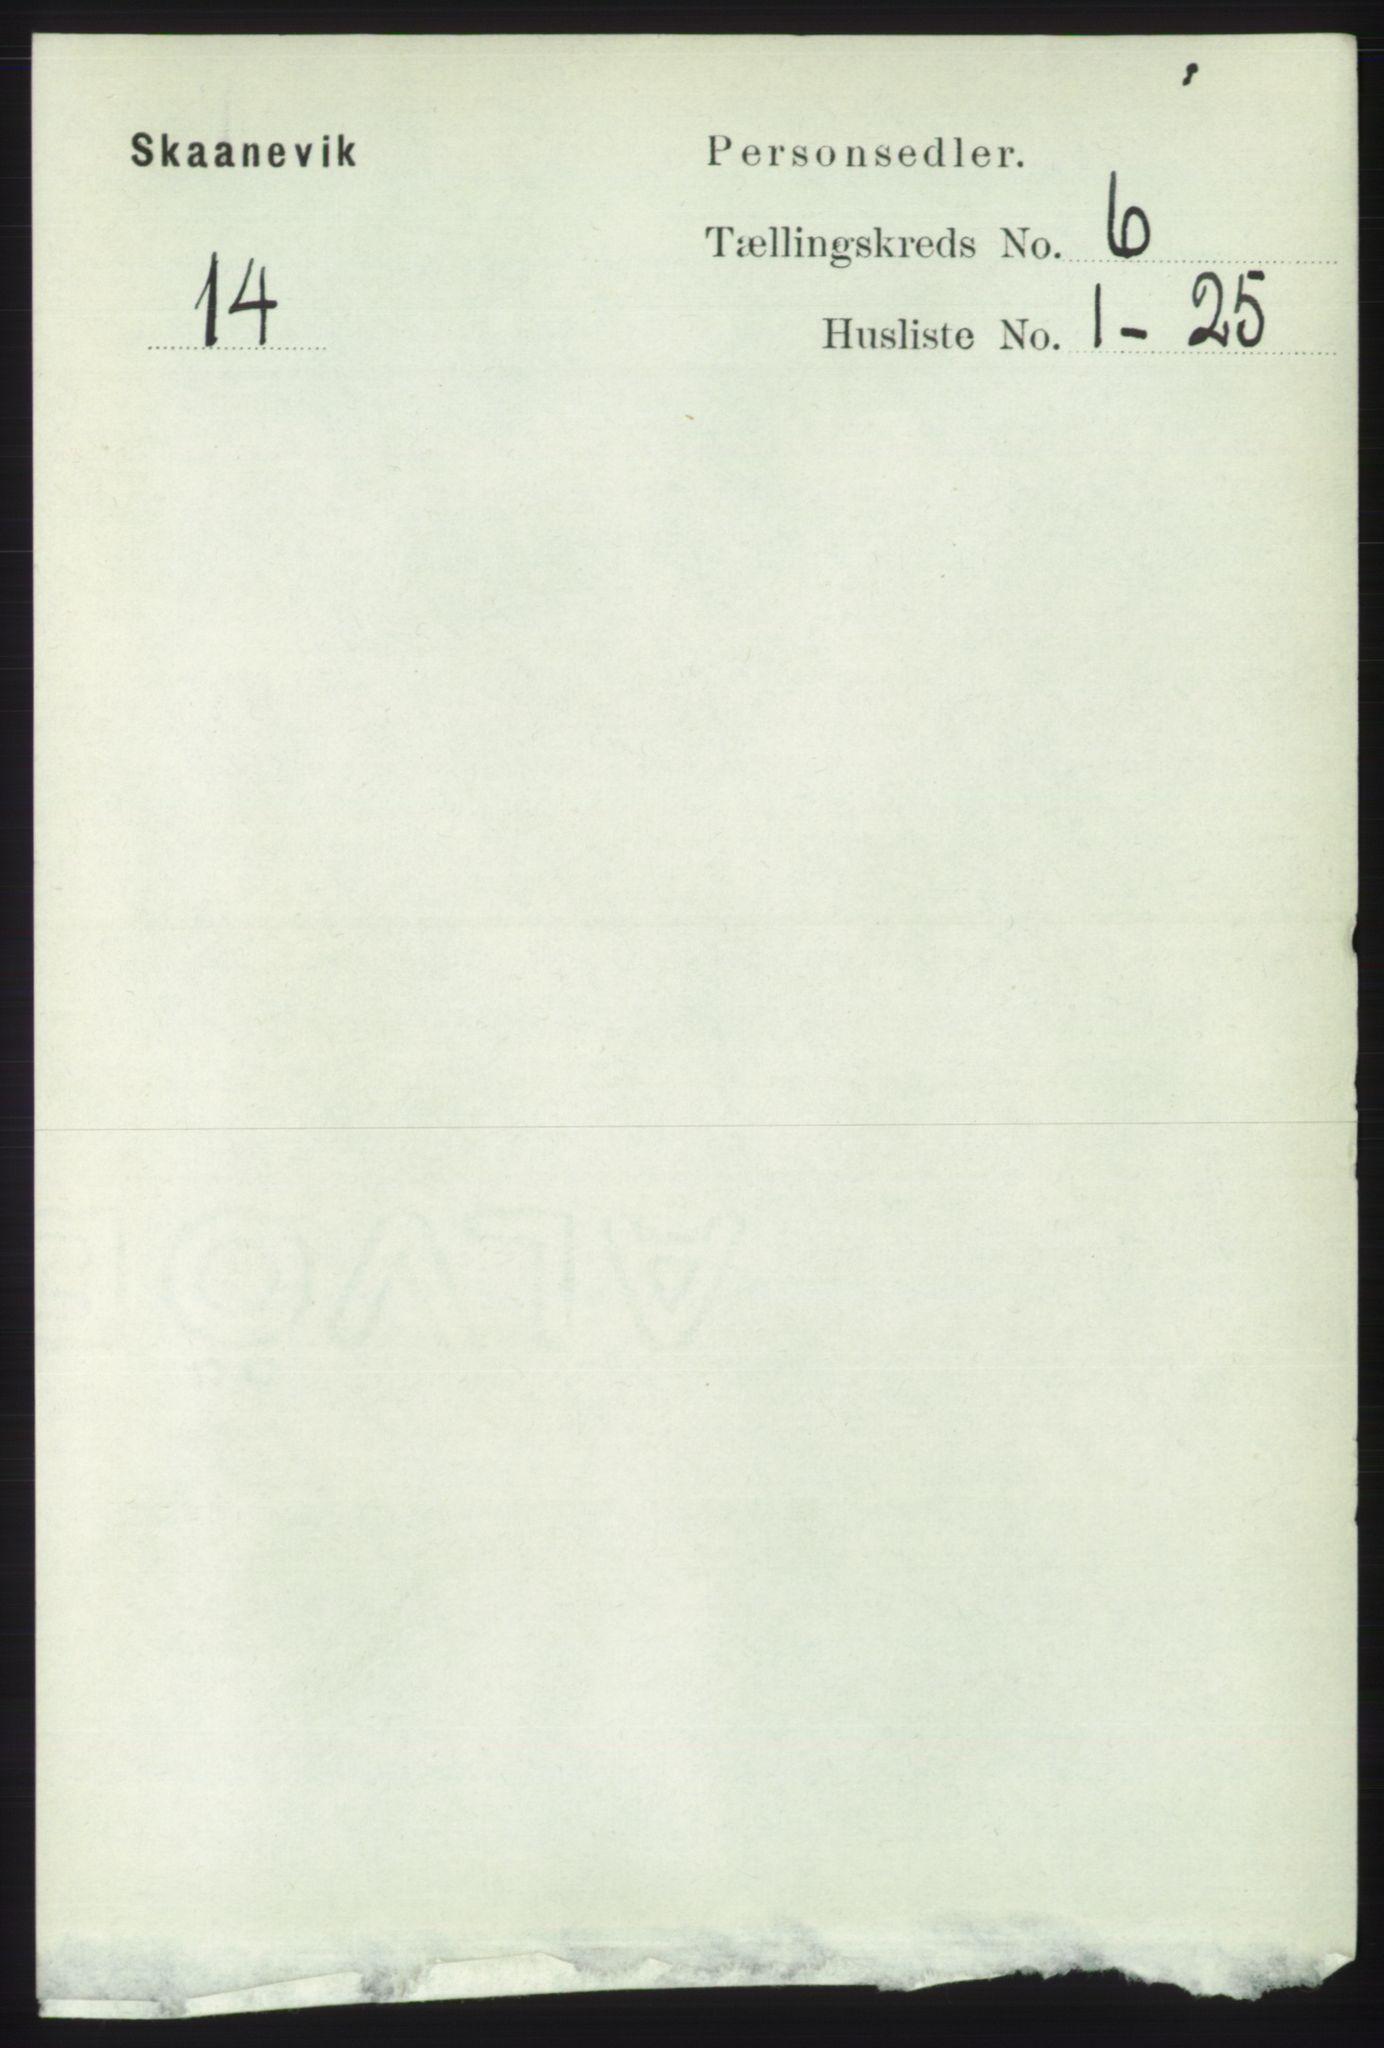 RA, Folketelling 1891 for 1212 Skånevik herred, 1891, s. 1539